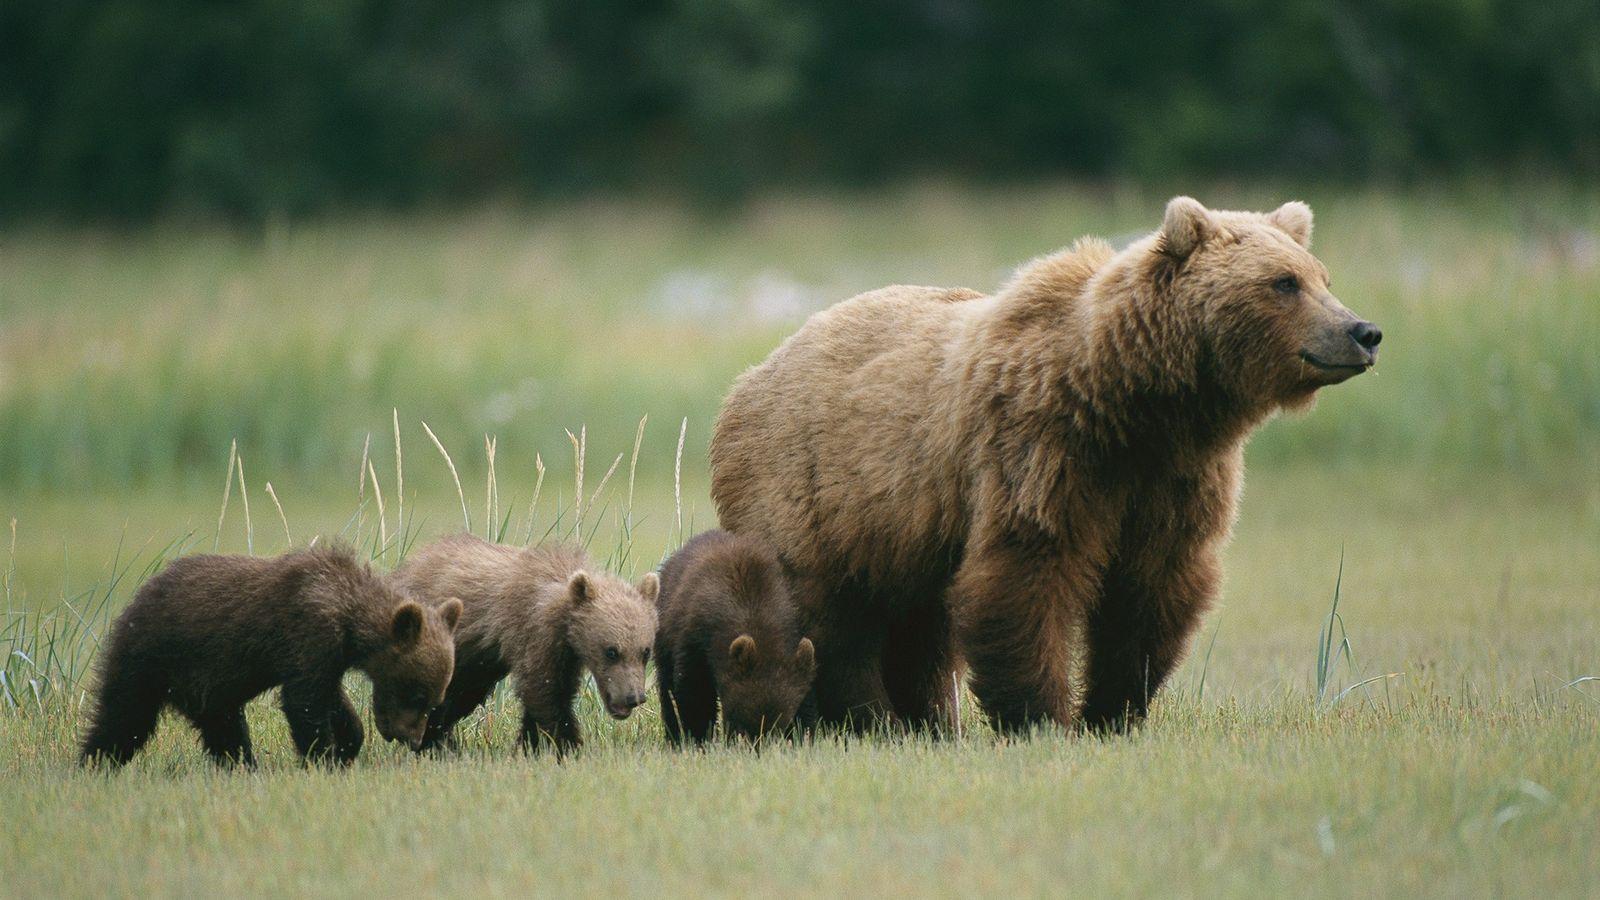 Uma ursa-parda e seus filhotes, como aqueles que foram recentemente filmados na Rússia em um controverso ...